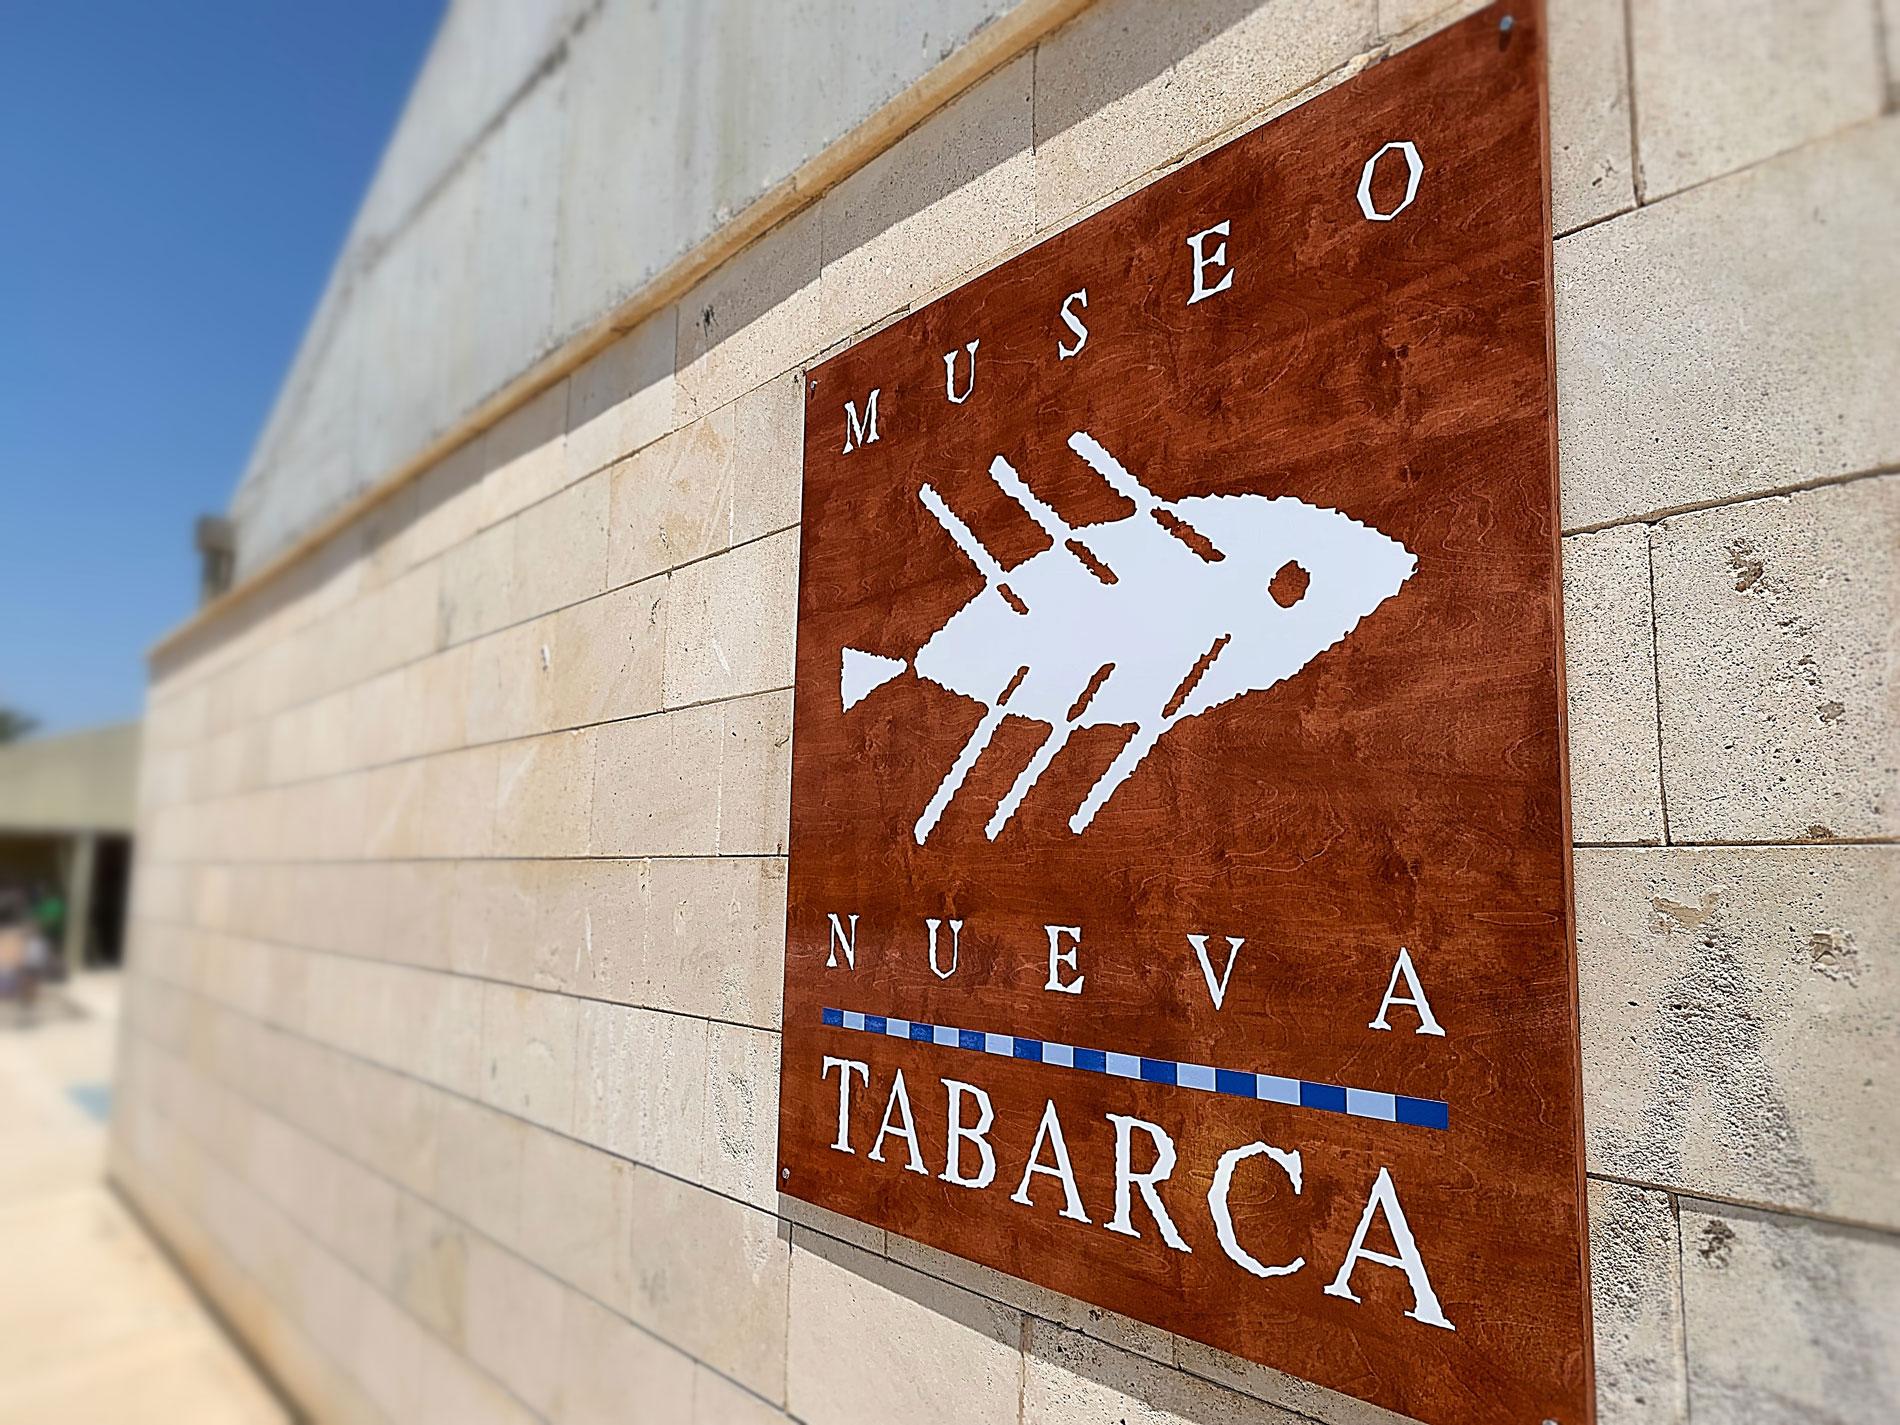 Rotulos en Museo de Nueva Tabarca - Alicante